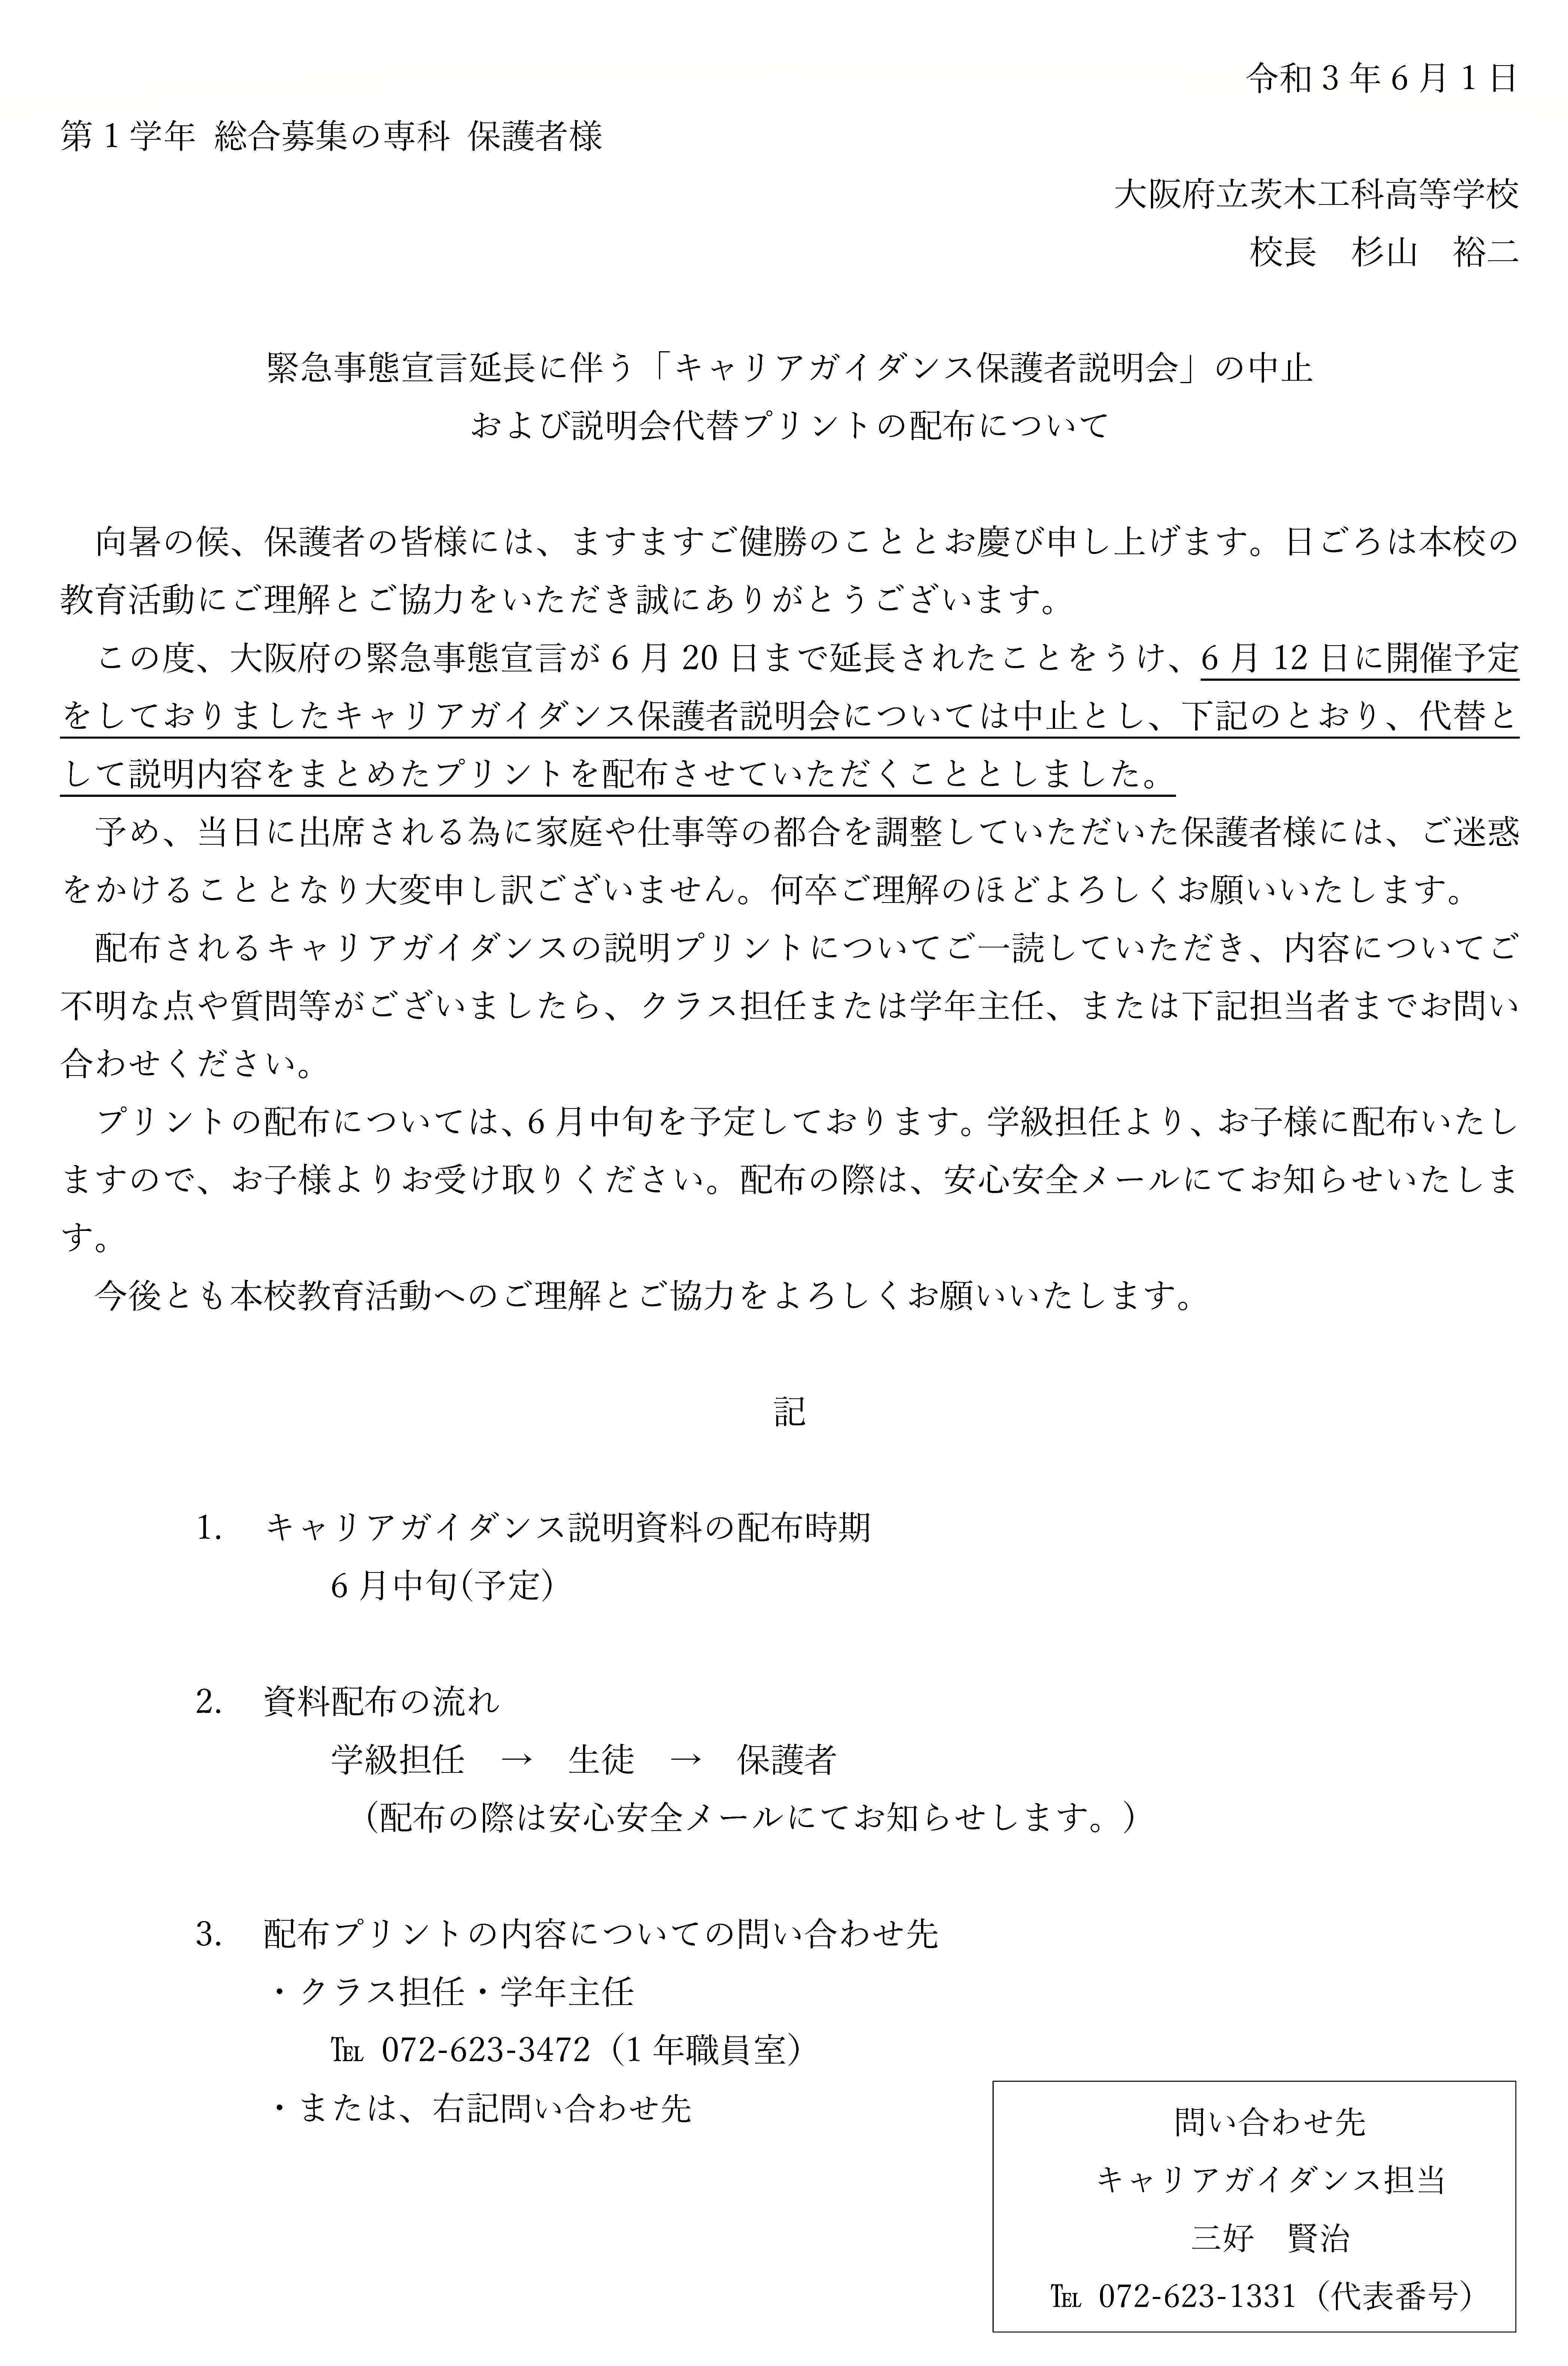 R3_キャリアガイダンス保護者説明会書面開催